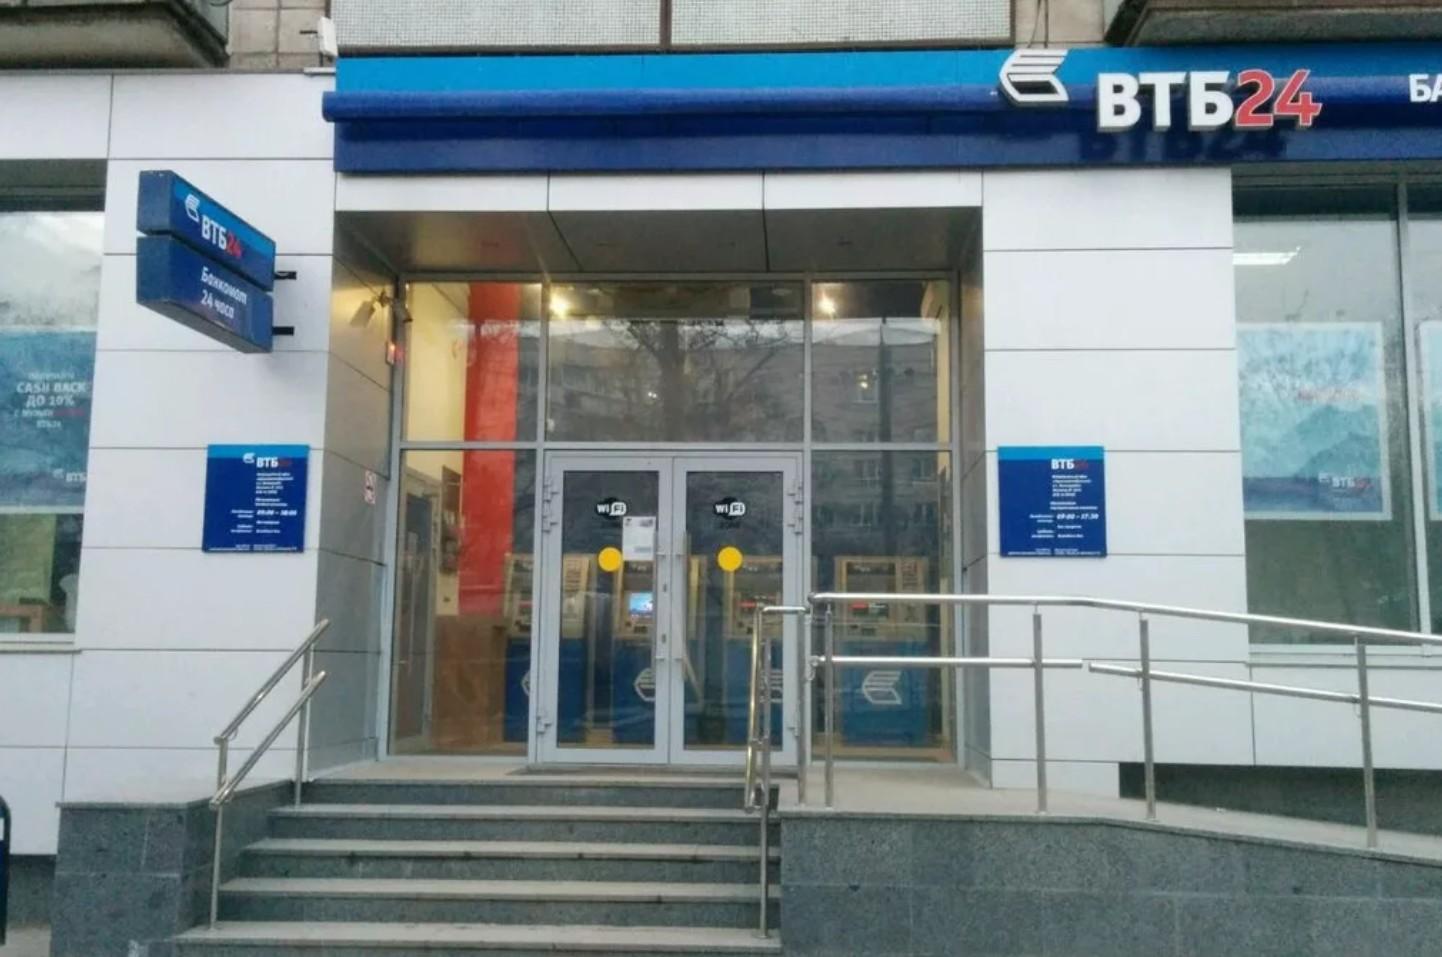 Отделение банка ВТБ в Краснооктябрьском районе Волгограда по ул. Генерала Штеменко д. 33: подача заявки на кредит онлайн.